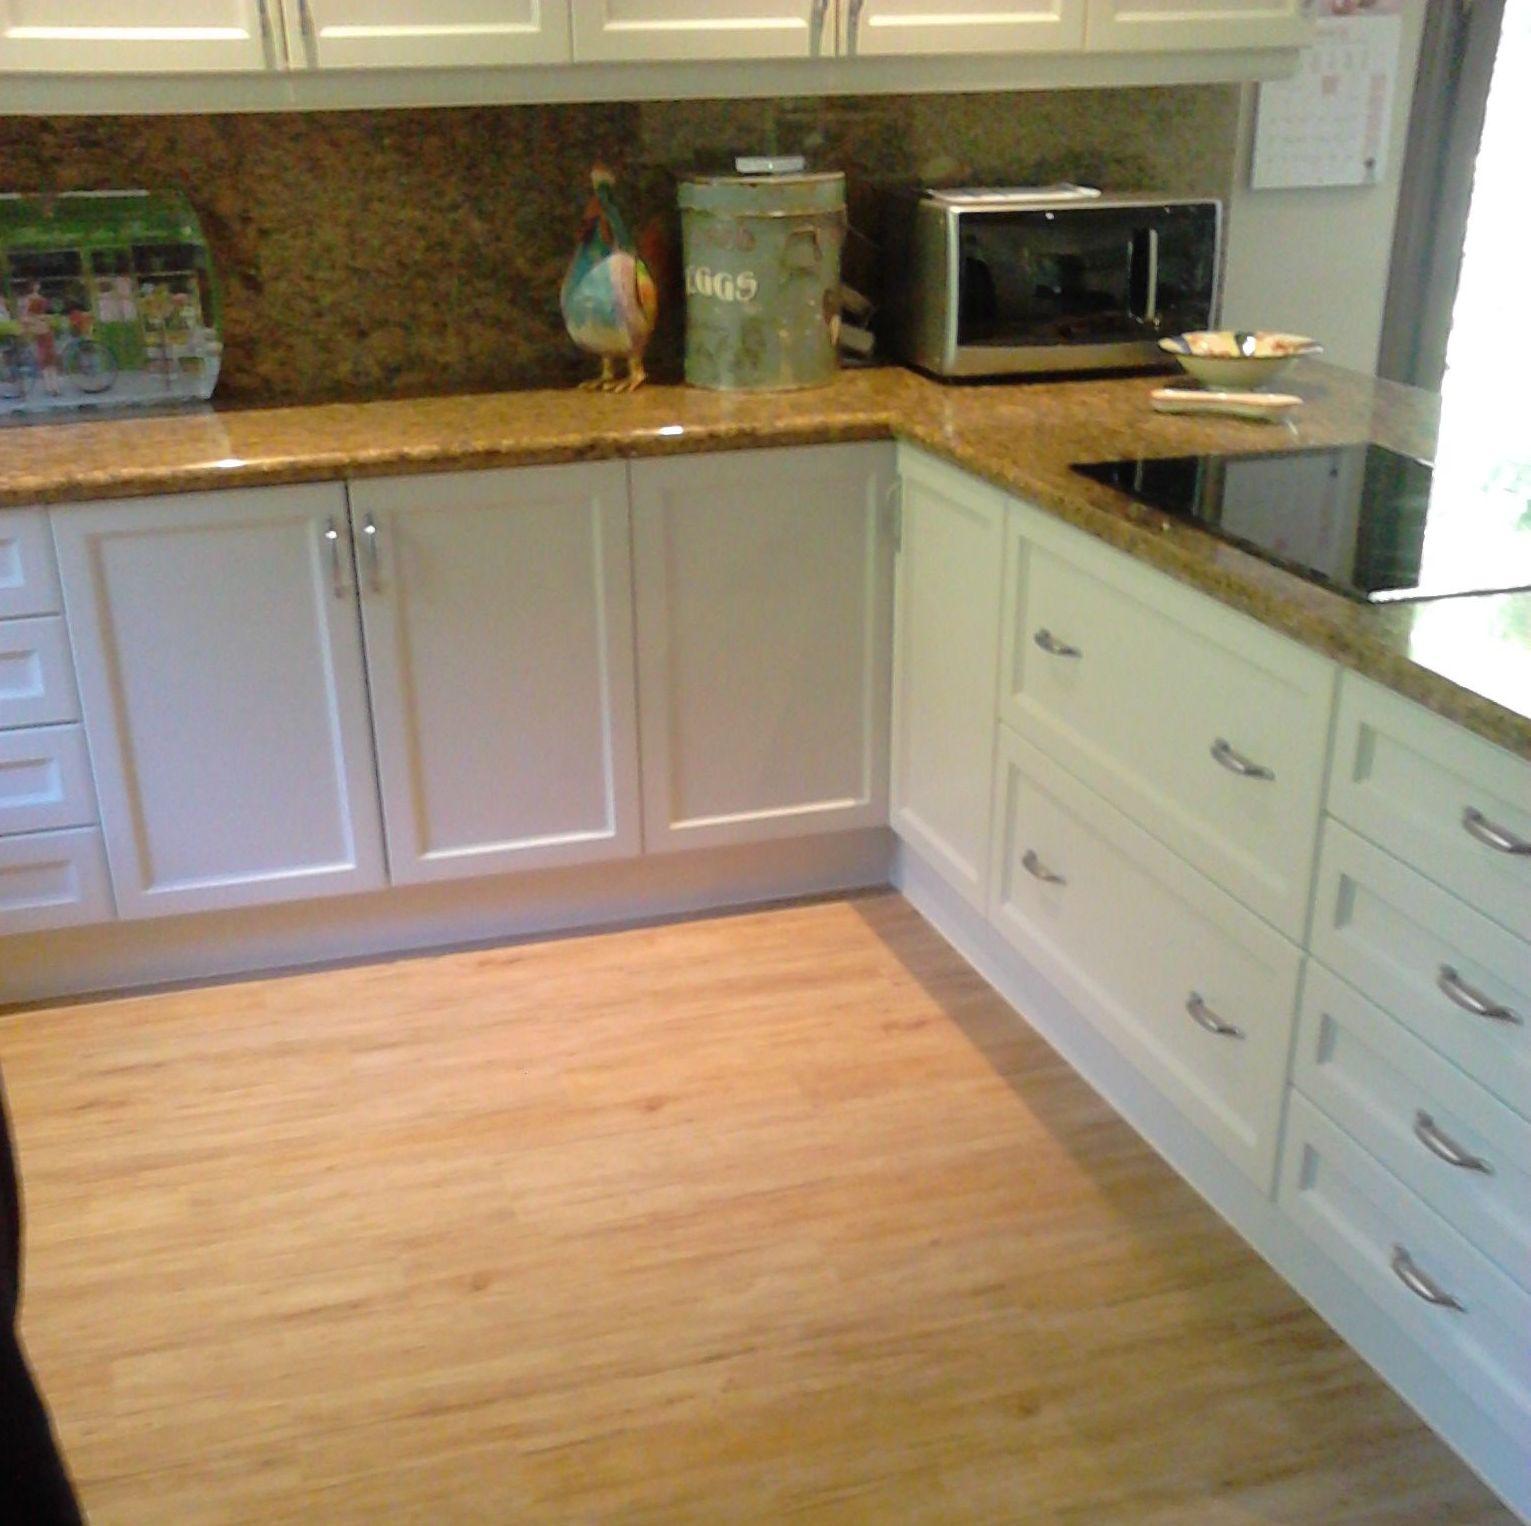 Instalando un Suelo Laminado válido para cocinas. Algunos suelos laminados son aptos para habitaciones humedas o con riesgo de derrames. Instalador de Suelos Lainados en Málaga